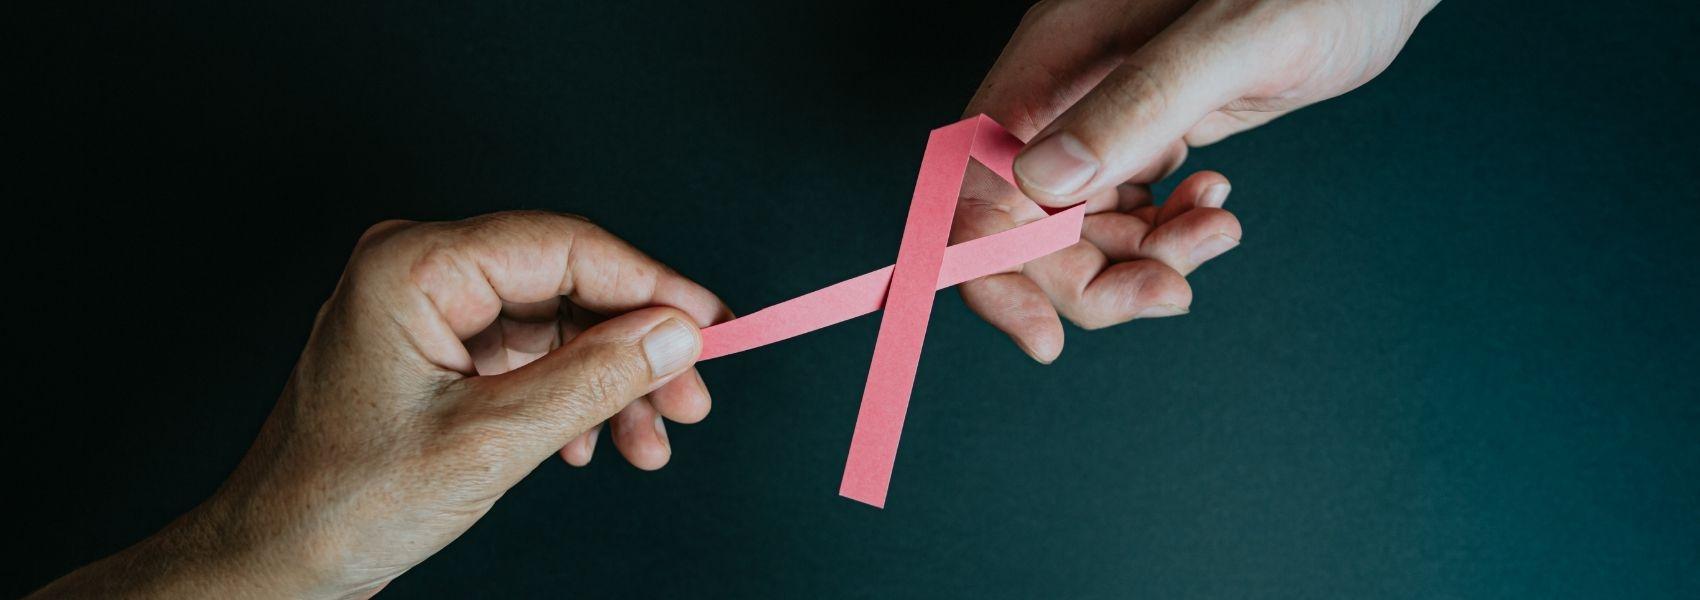 Inquérito vai avaliar impacto económico e psicossocial do cancro da mama em Portugal